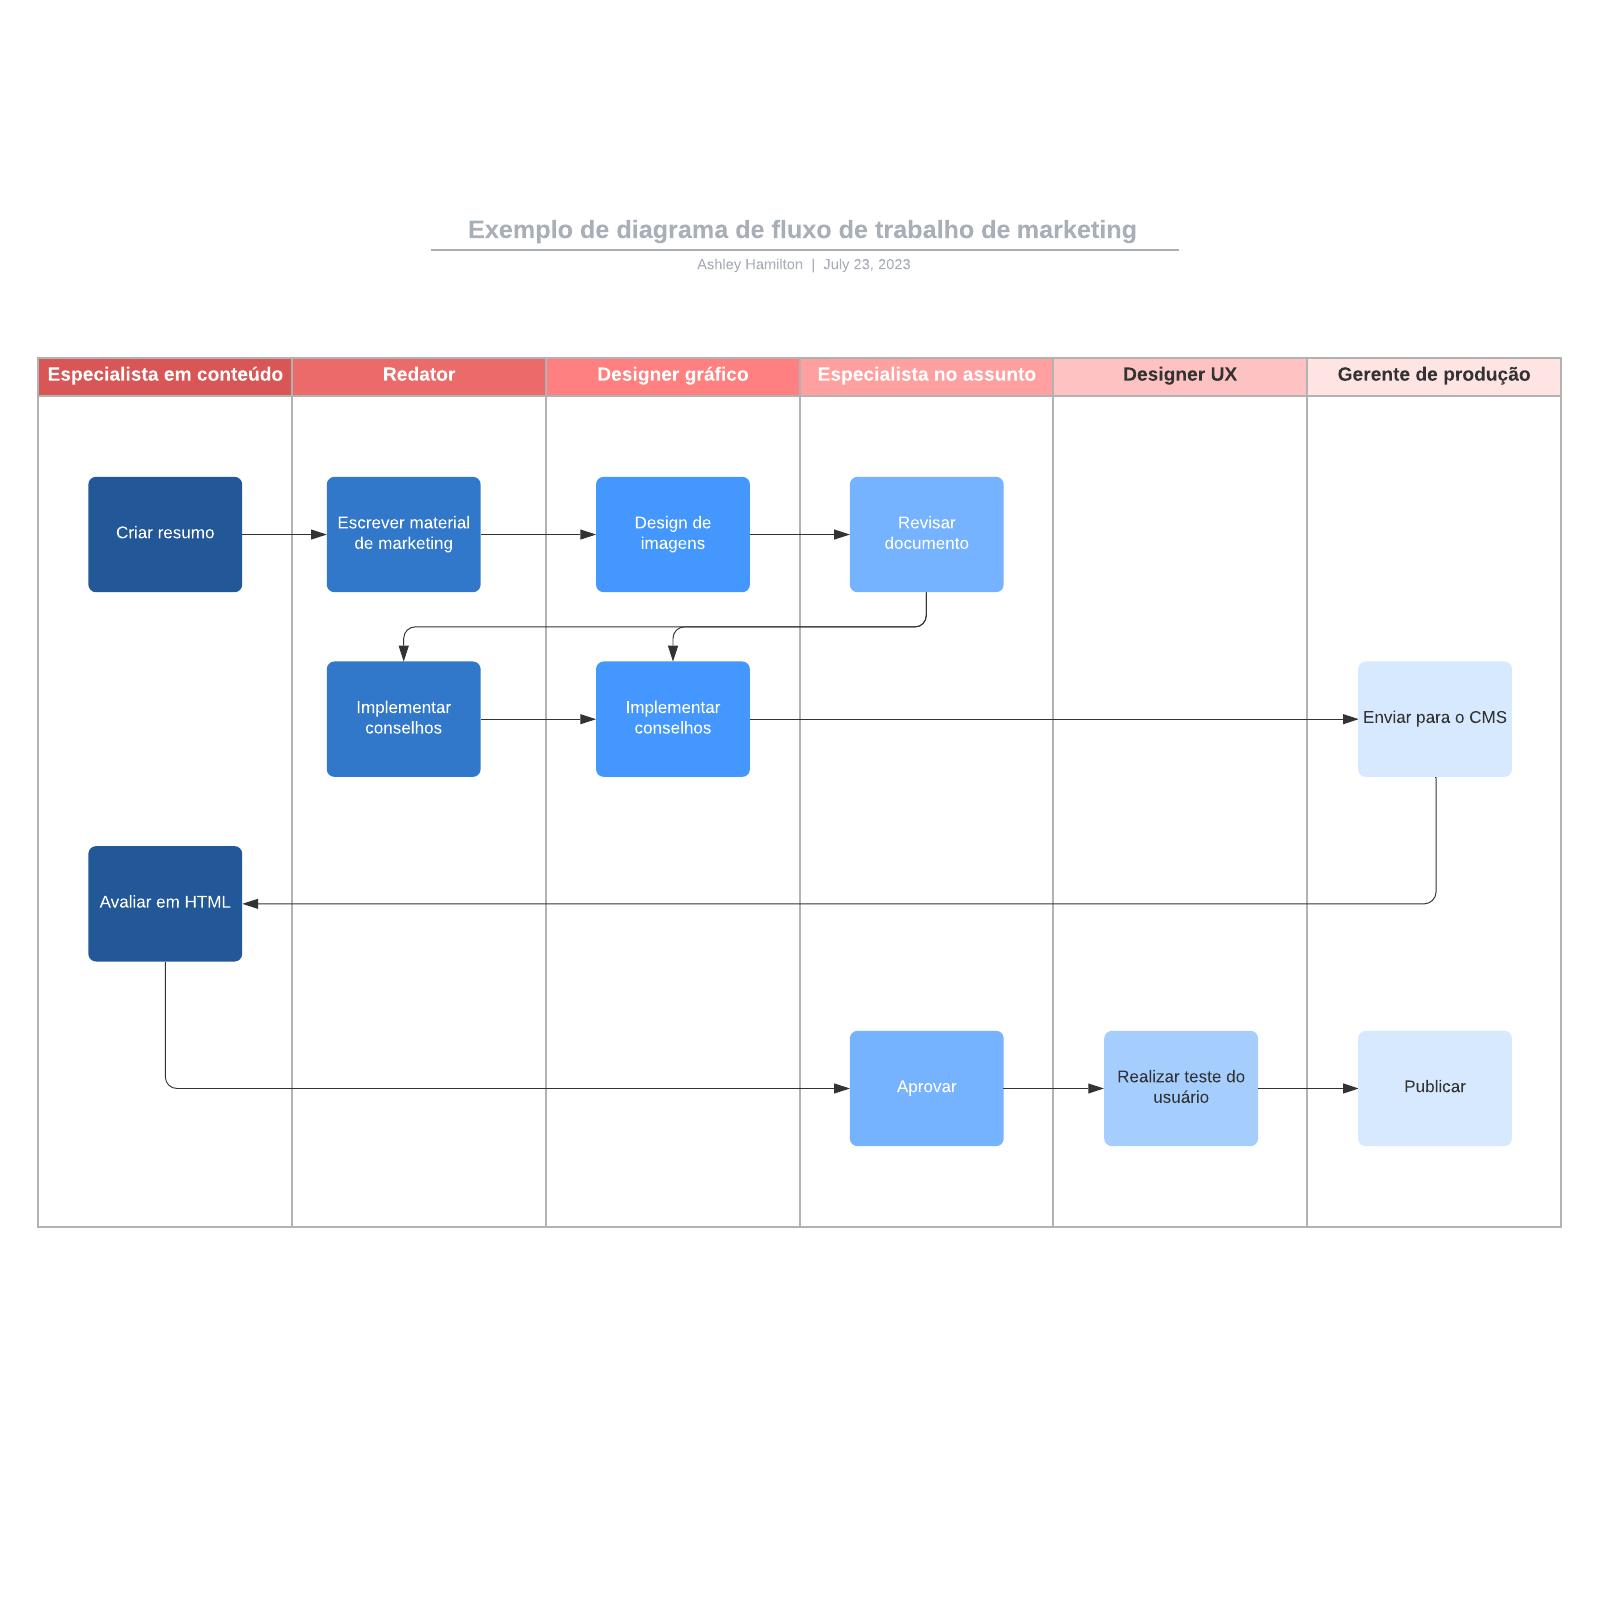 Exemplo de diagrama de fluxo de trabalho de marketing